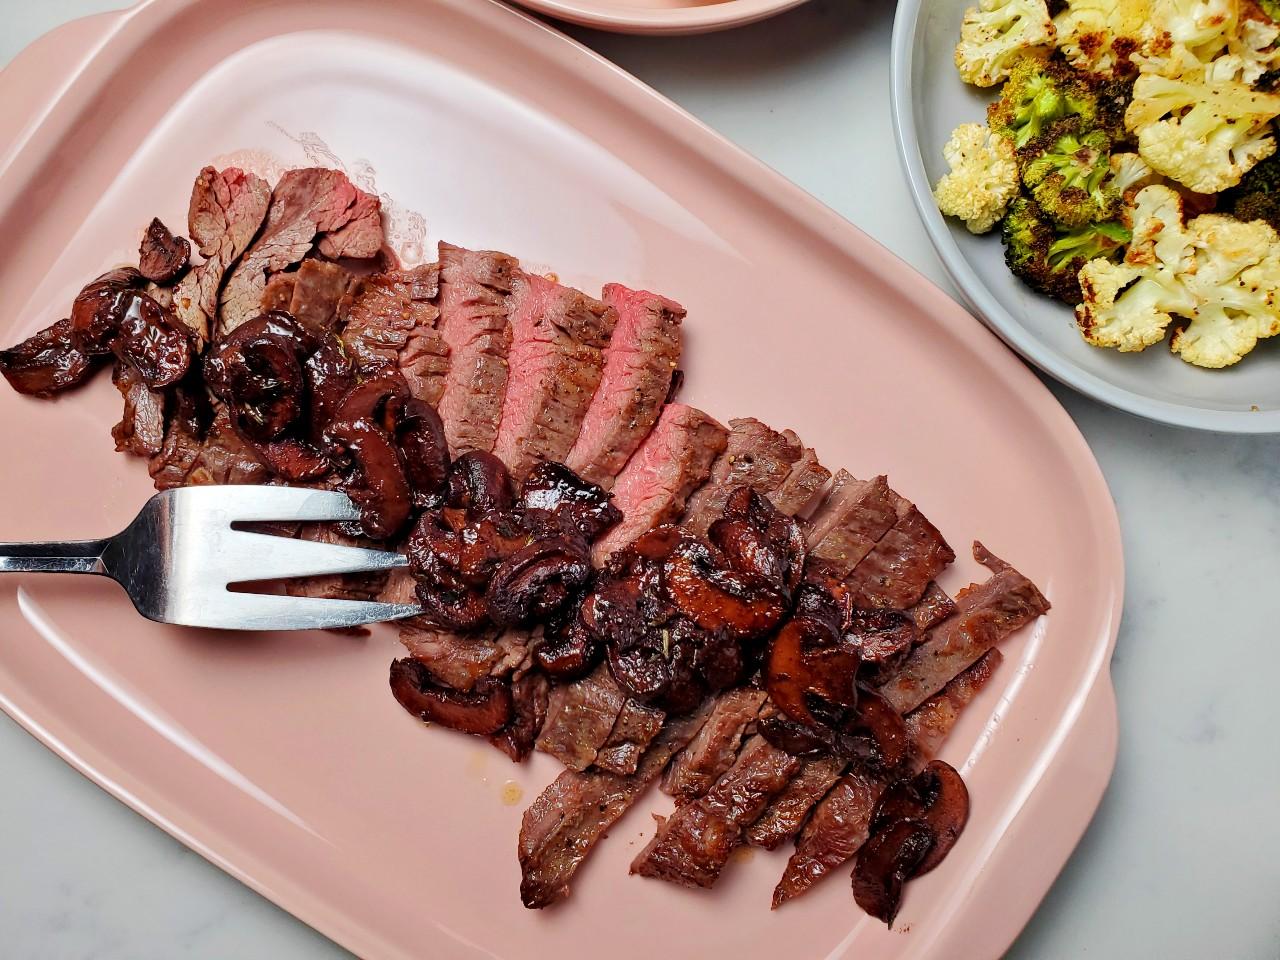 skirt steak with herbs & pinot noir mushrooms